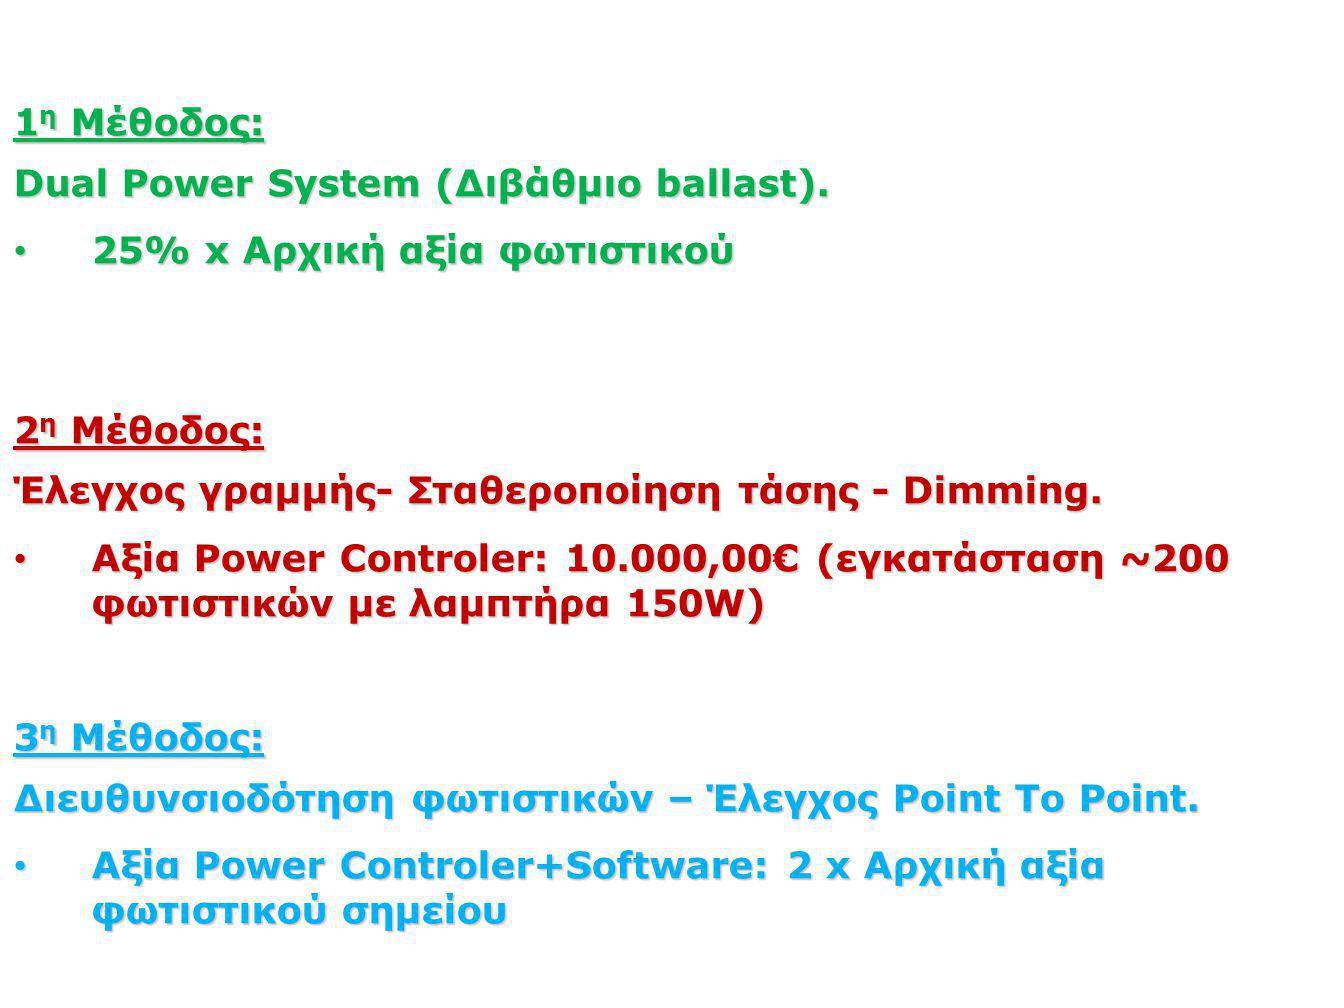 1η Μέθοδος: Dual Power System (Διβάθμιo ballast). 25% x Αρχική αξία φωτιστικού. 2η Μέθοδος: Έλεγχος γραμμής- Σταθεροποίηση τάσης - Dimming.